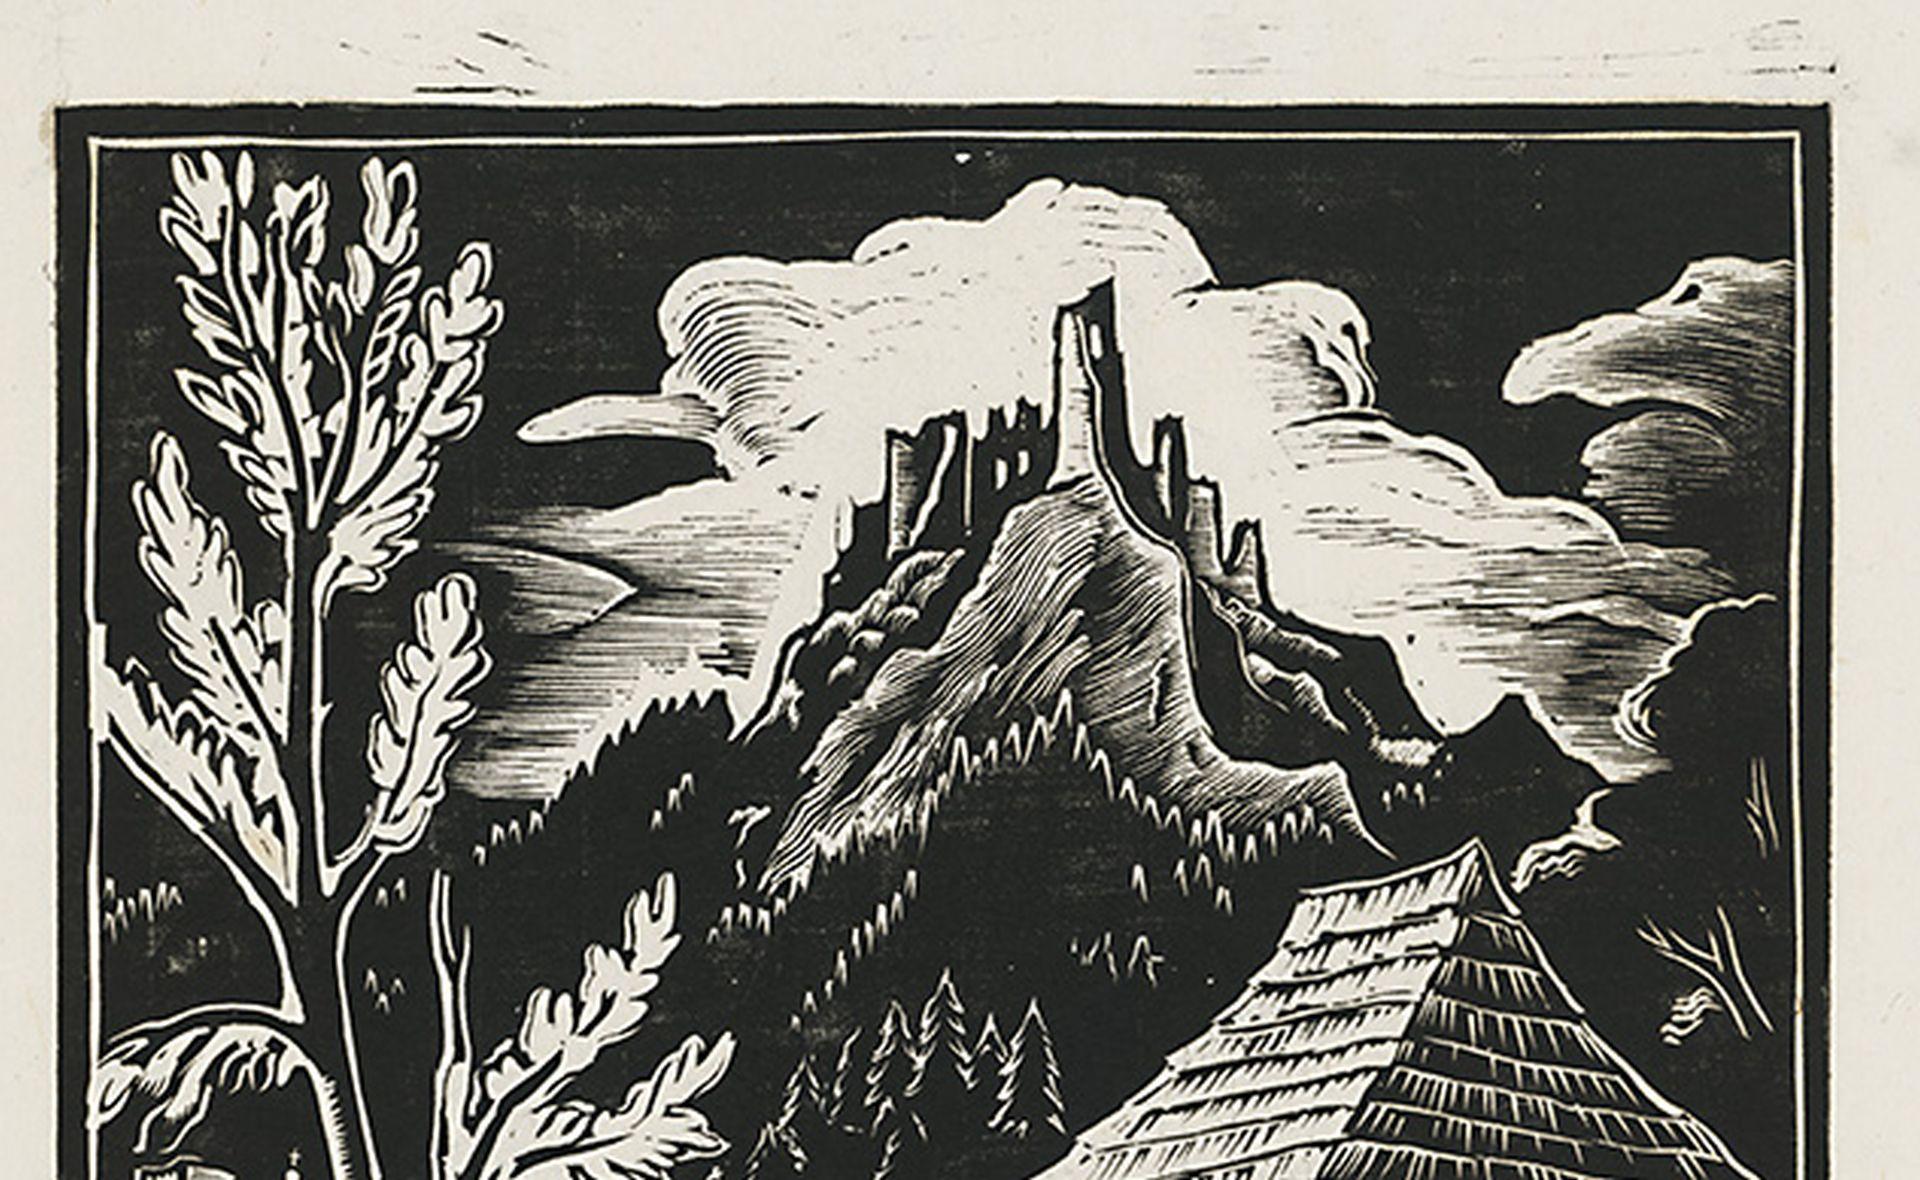 Artwork of the Month, December 2019: Hričov by Ferdiš Duša (1933)